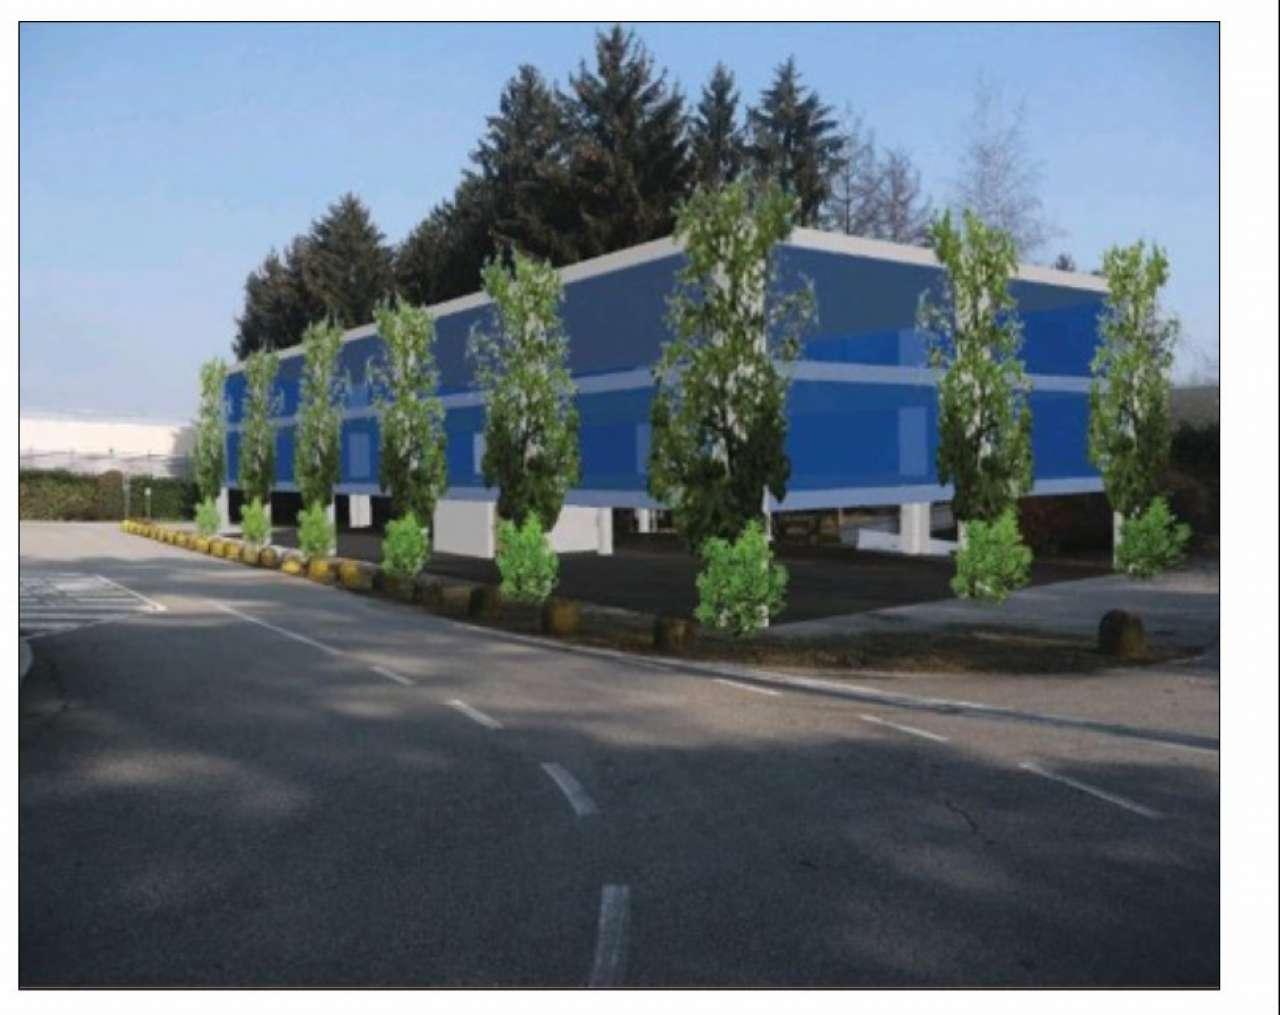 Ufficio / Studio in vendita a Fino Mornasco, 10 locali, prezzo € 1.600.000   CambioCasa.it